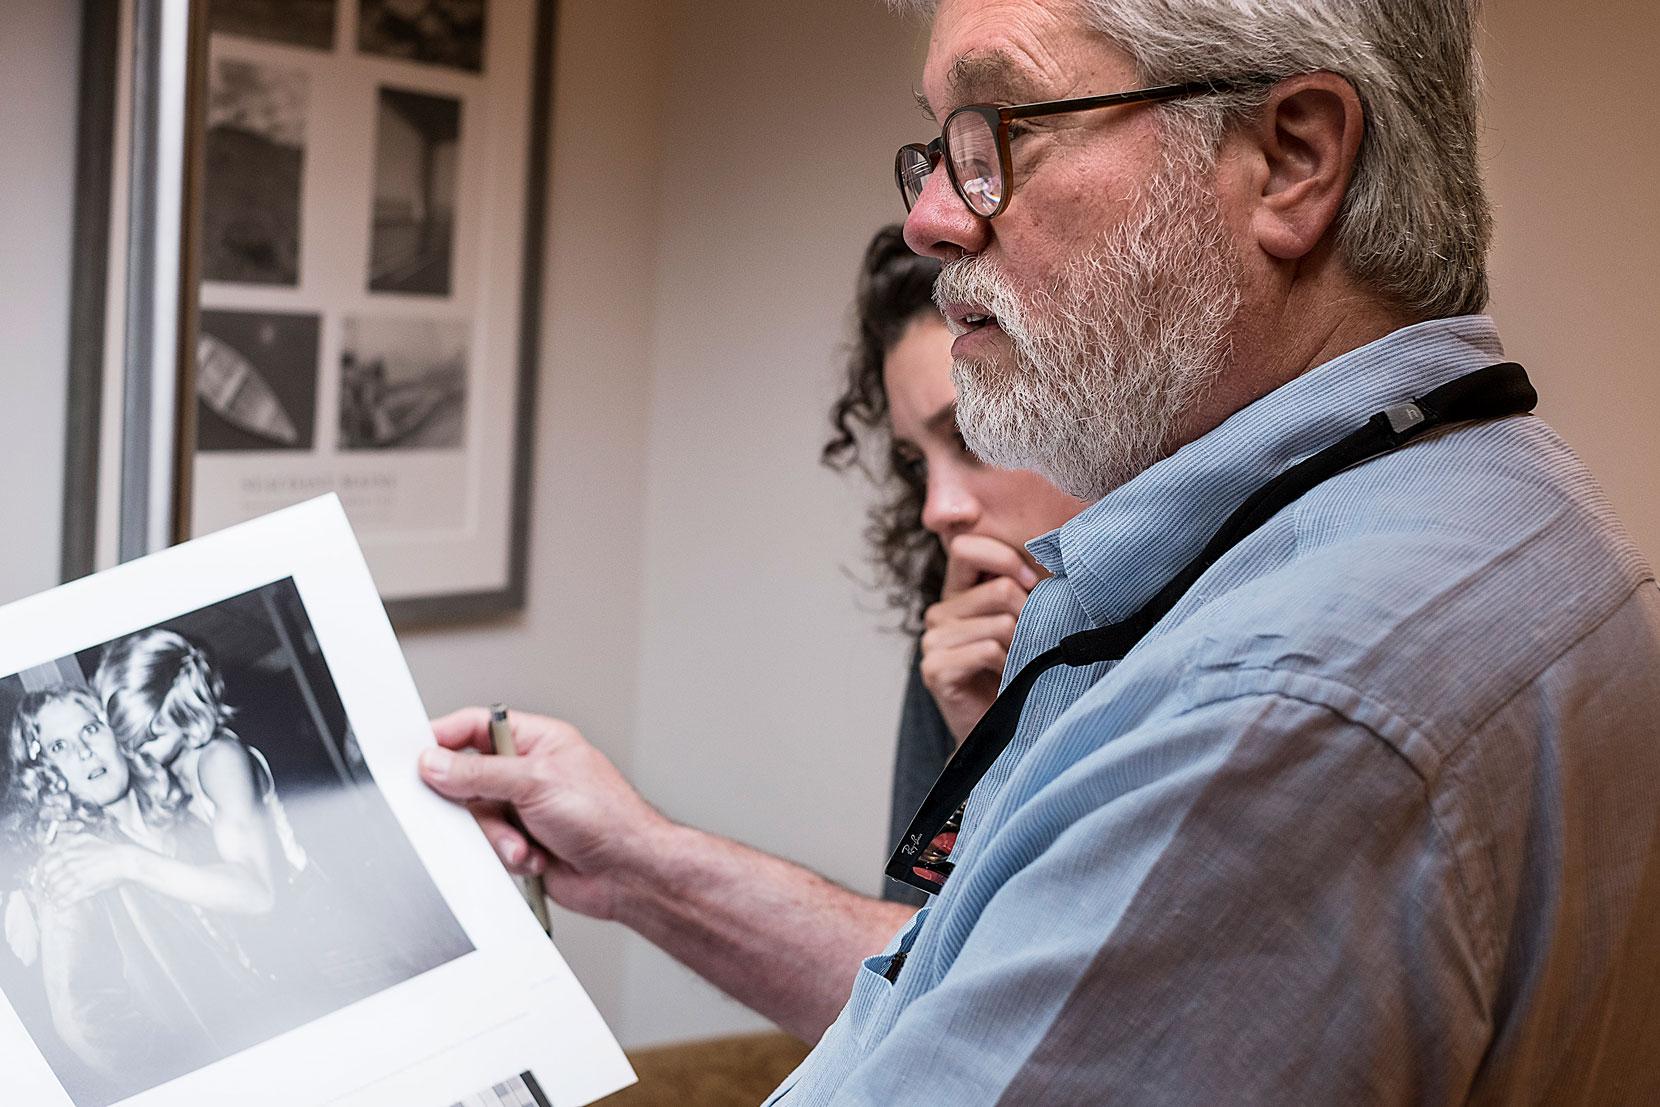 Bill Yates on Press